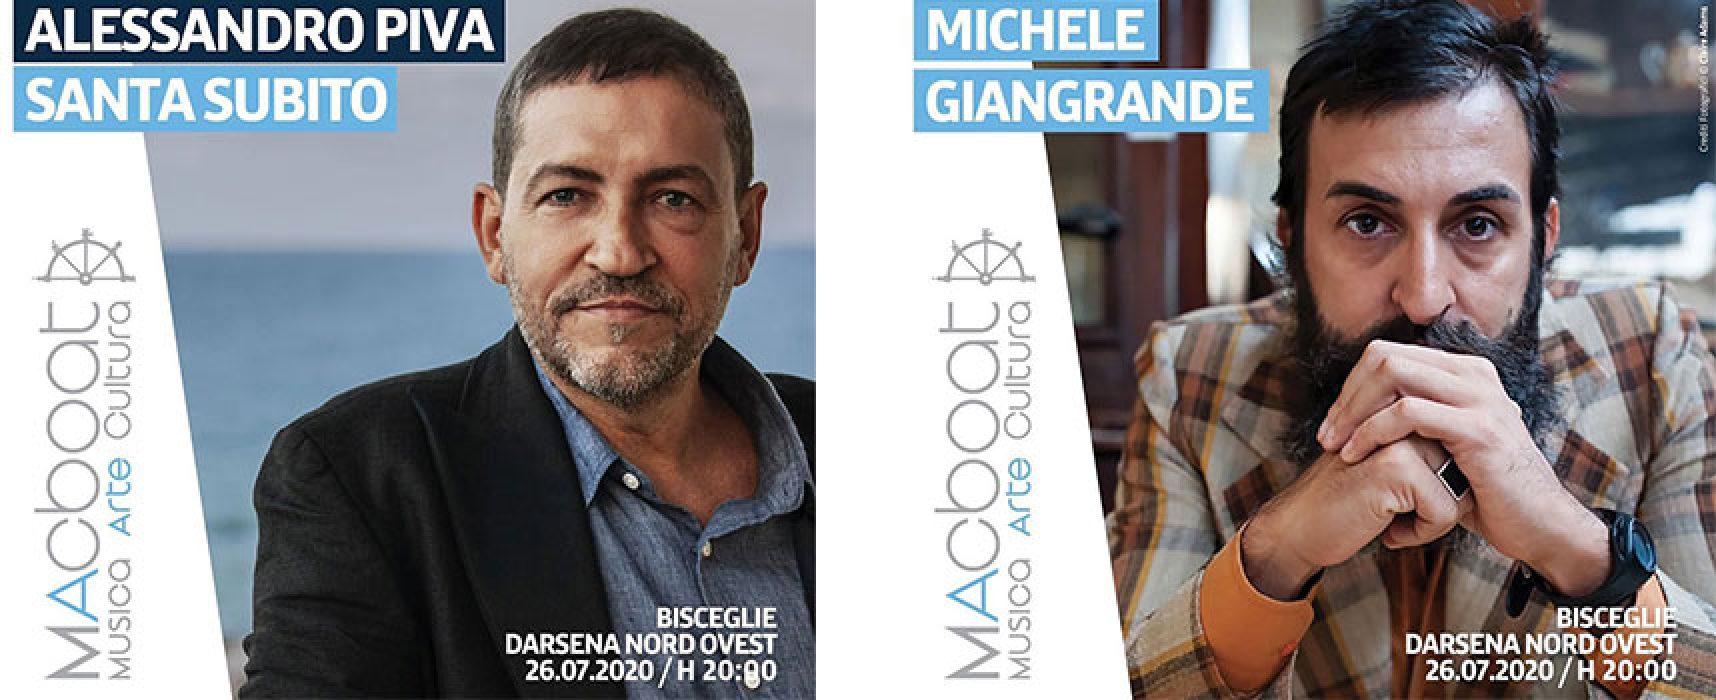 MACboat, Alessandro Piva e Michele Giangrande protagonisti a Bisceglie